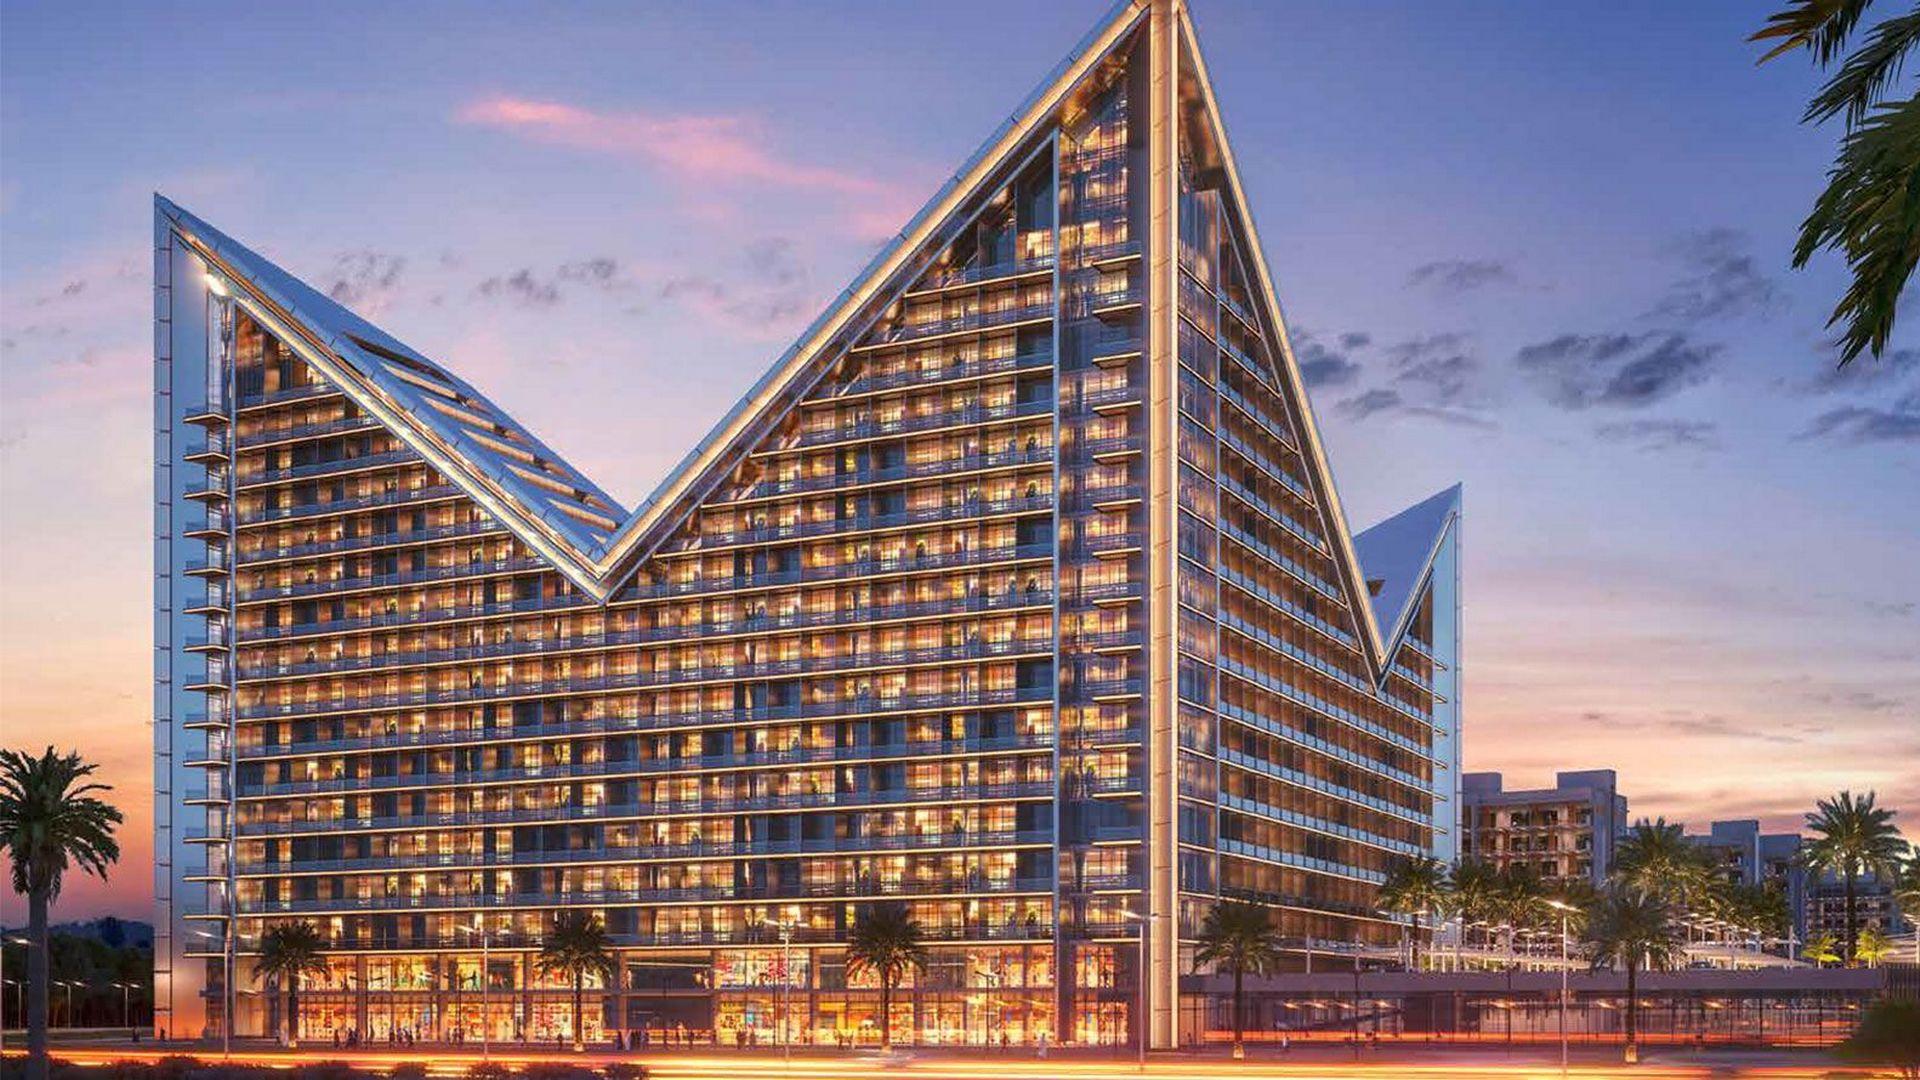 MAG CITY, Mohammed Bin Rashid City, Dubai, UAE – photo 6